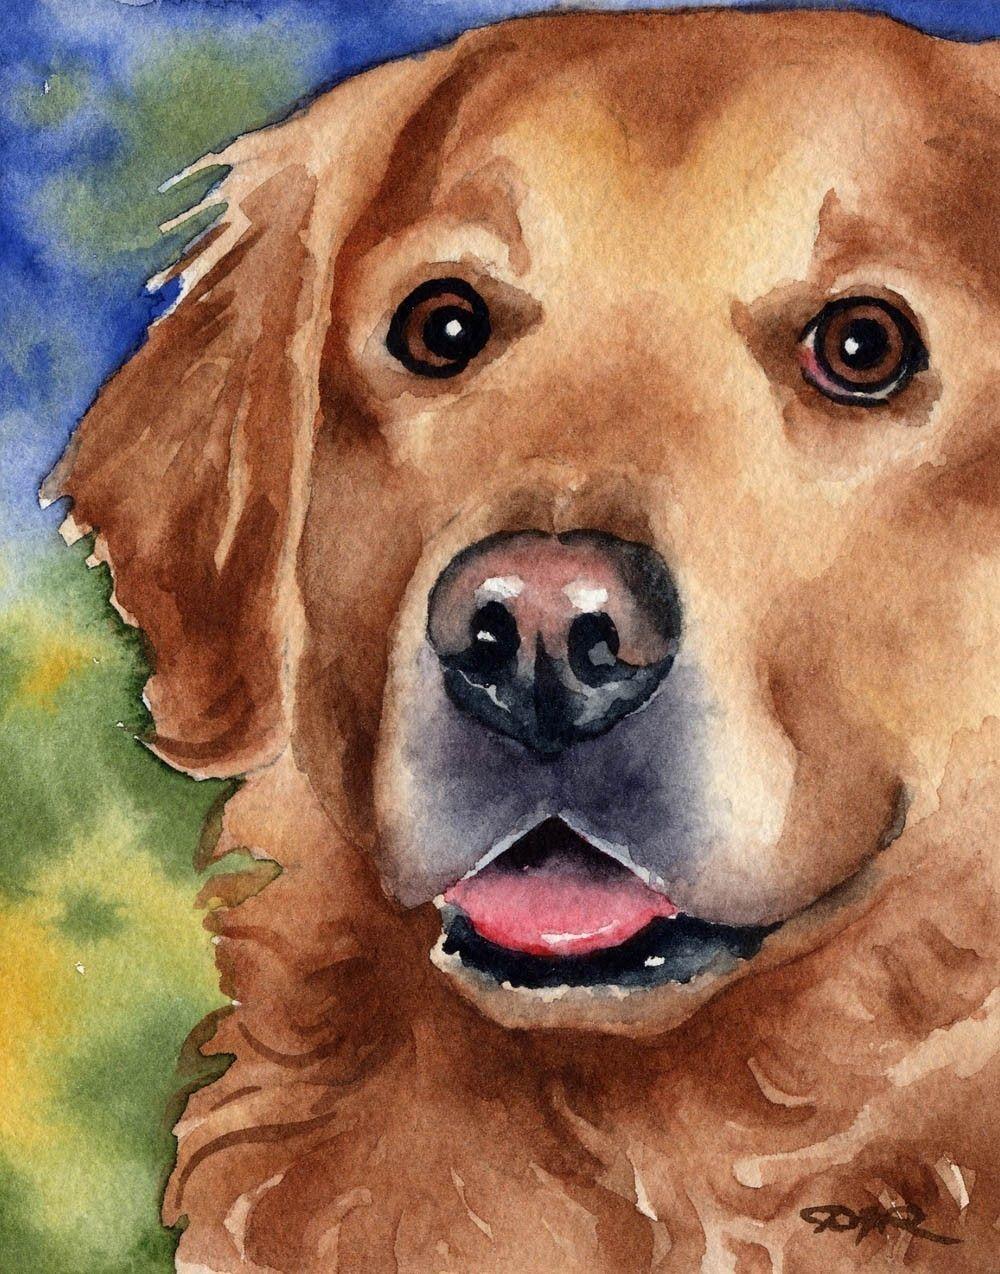 Golden Retriever Art Print By Watercolor Artist Dj Rogers Golden